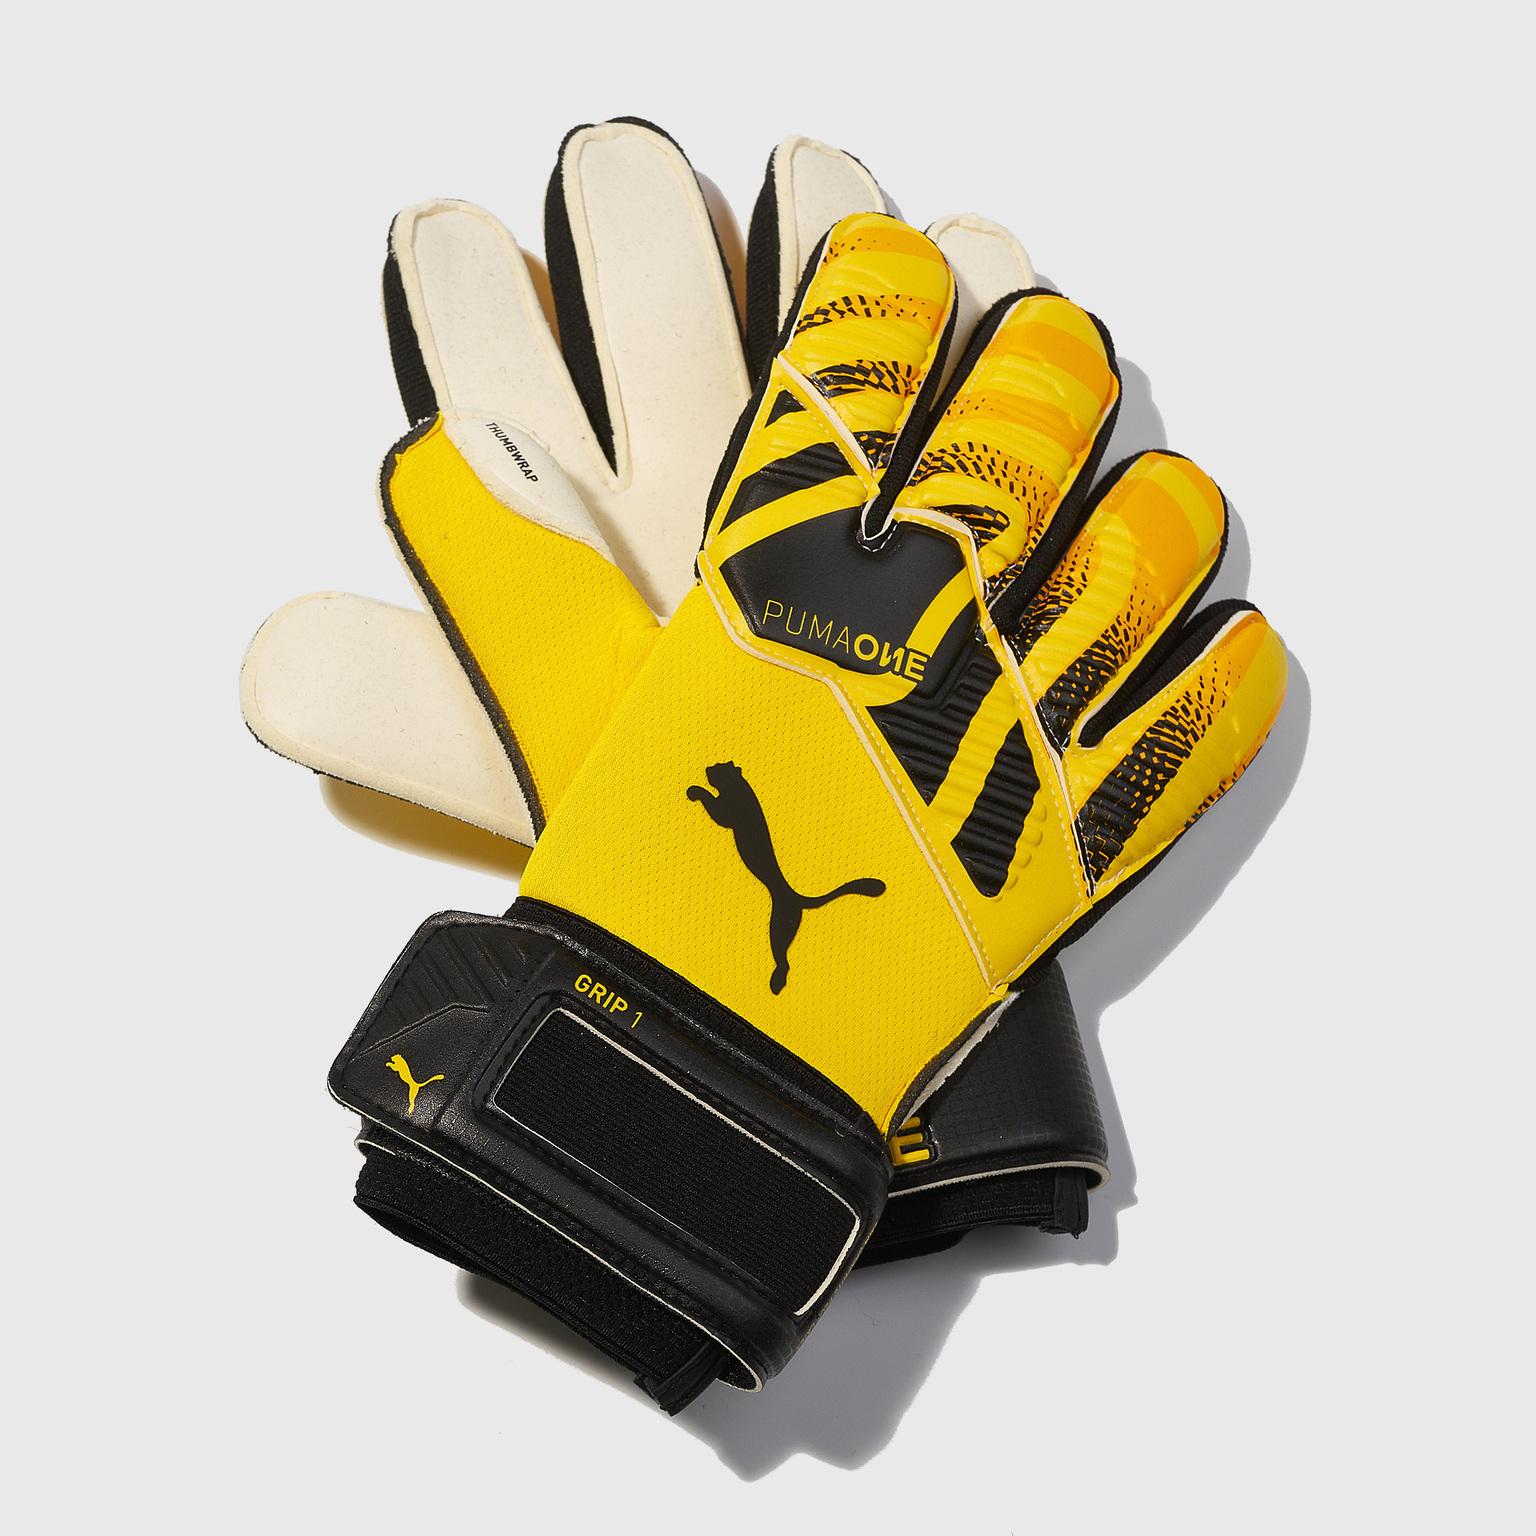 Перчатки вратарские Puma One Grip 1 RC 04165102 перчатки вратарские nike vapor grip 3 cn5650 011